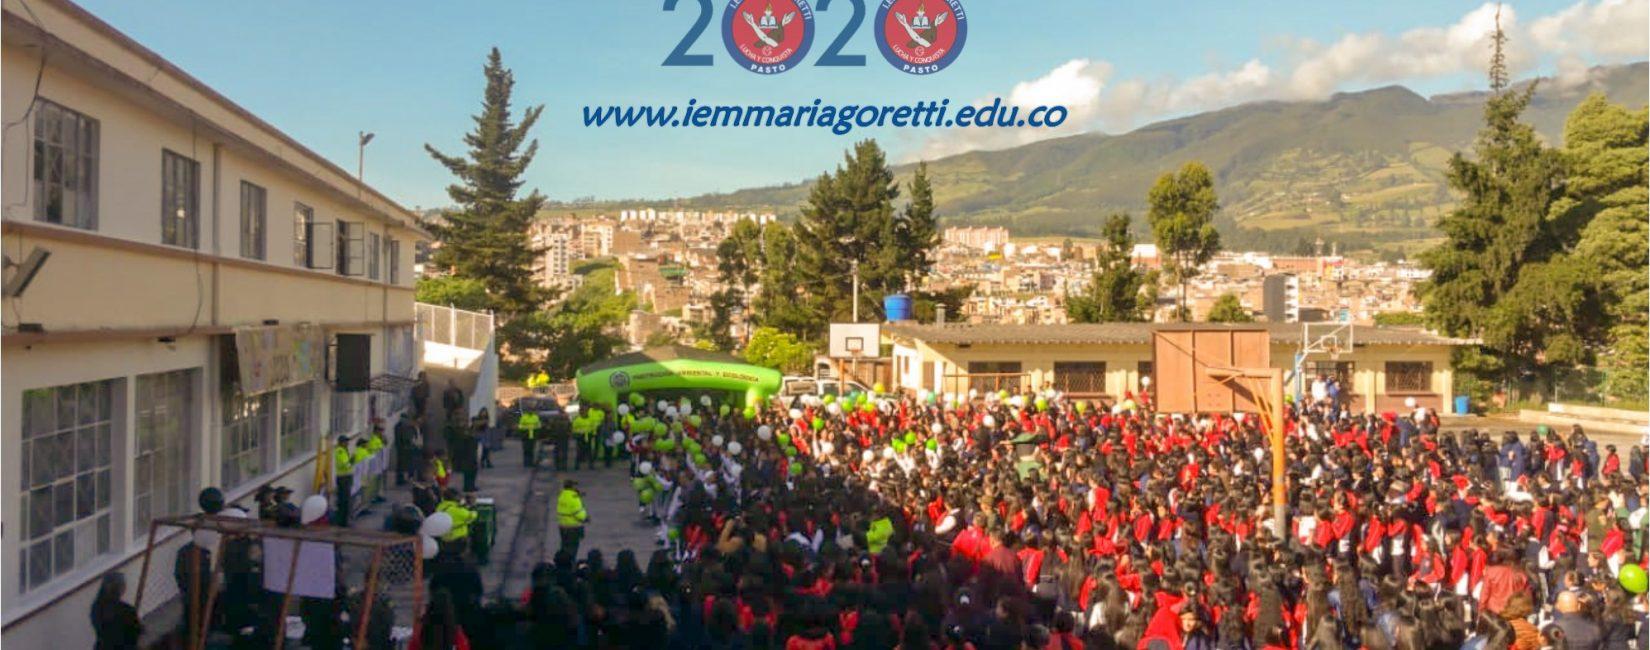 Bienvenidas Estudiantes Gorettianas